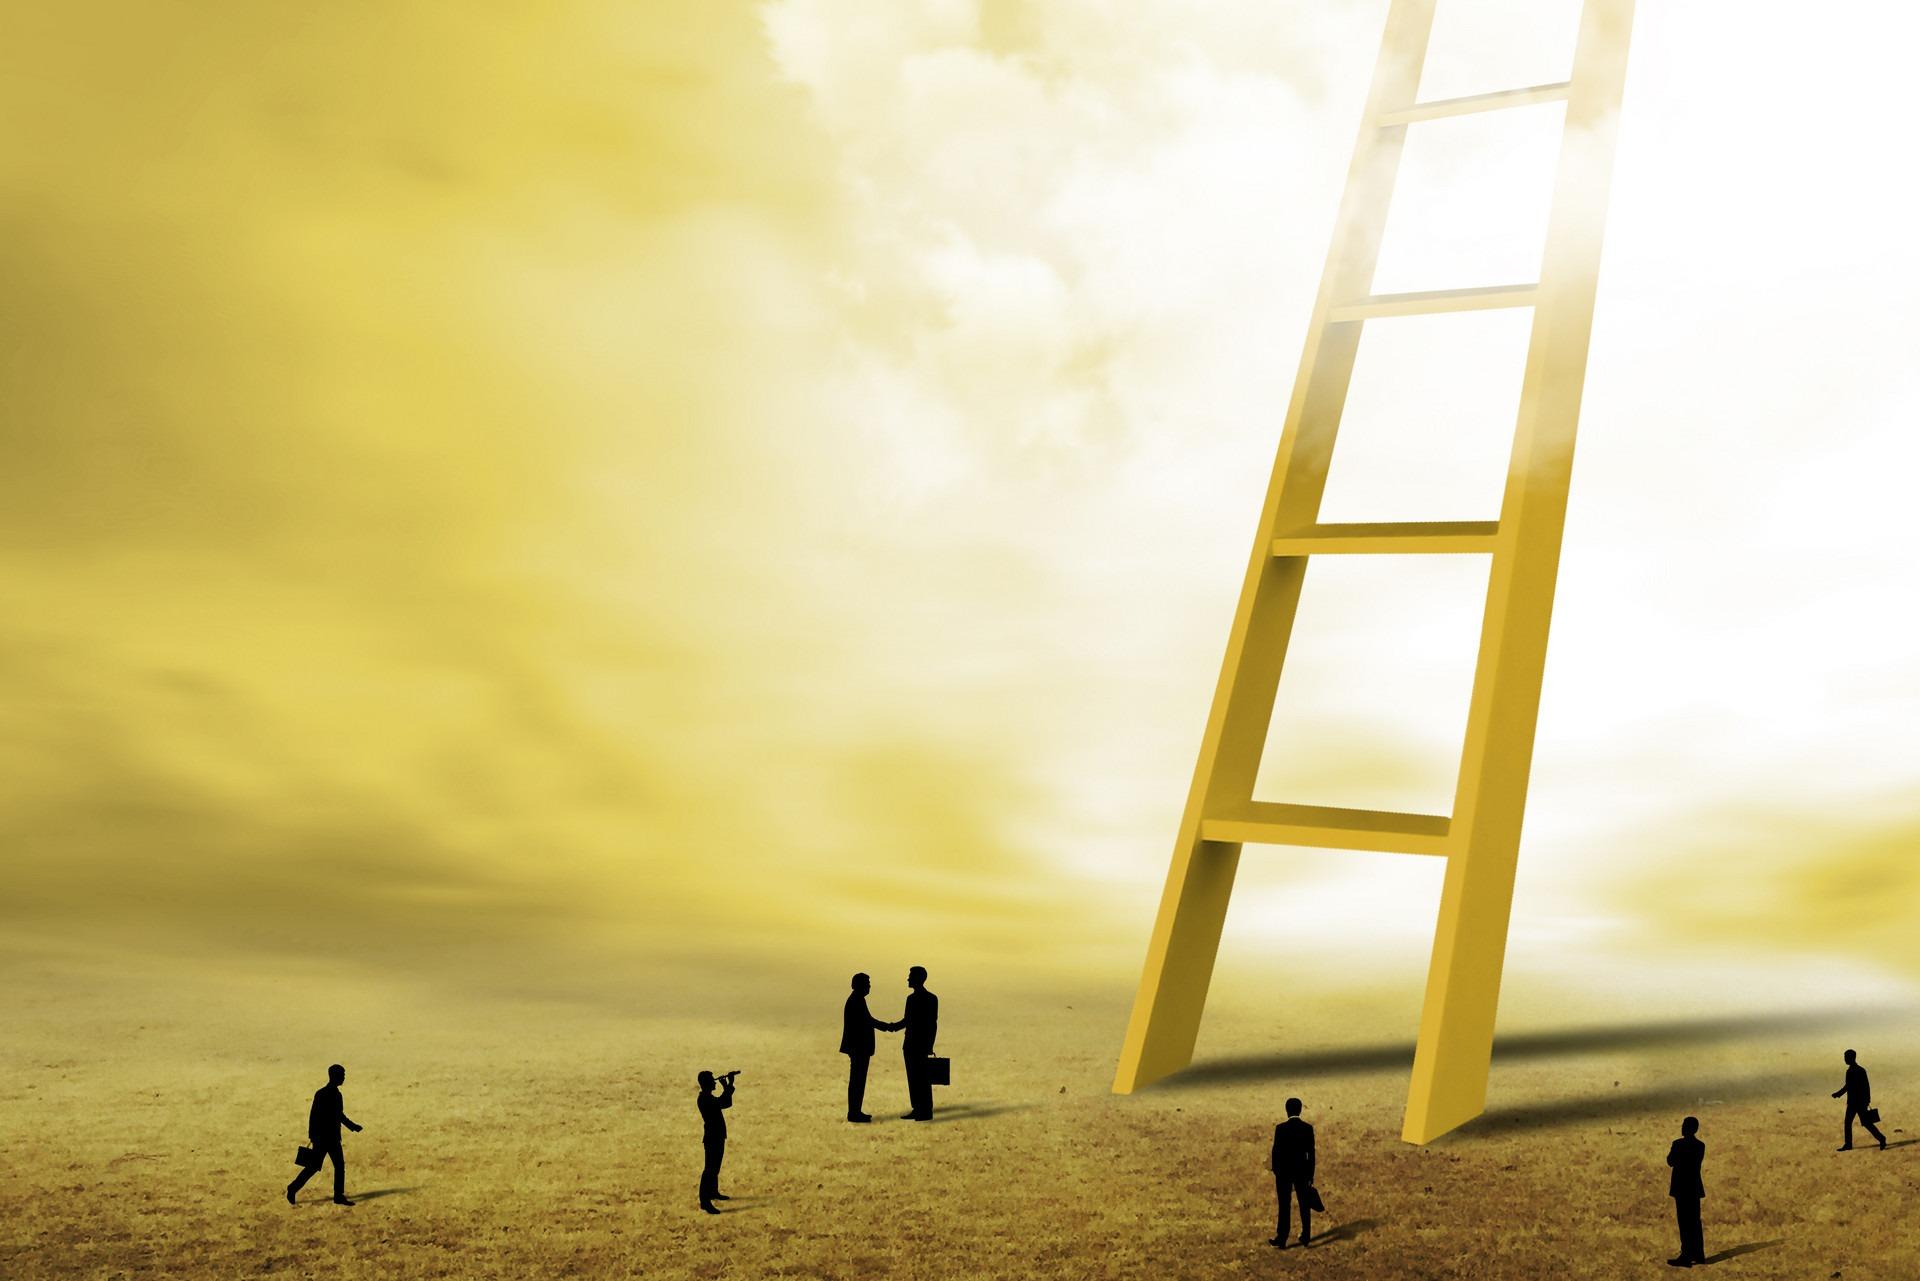 直销人如何快速提升自己?这些方法99%的人都在用!